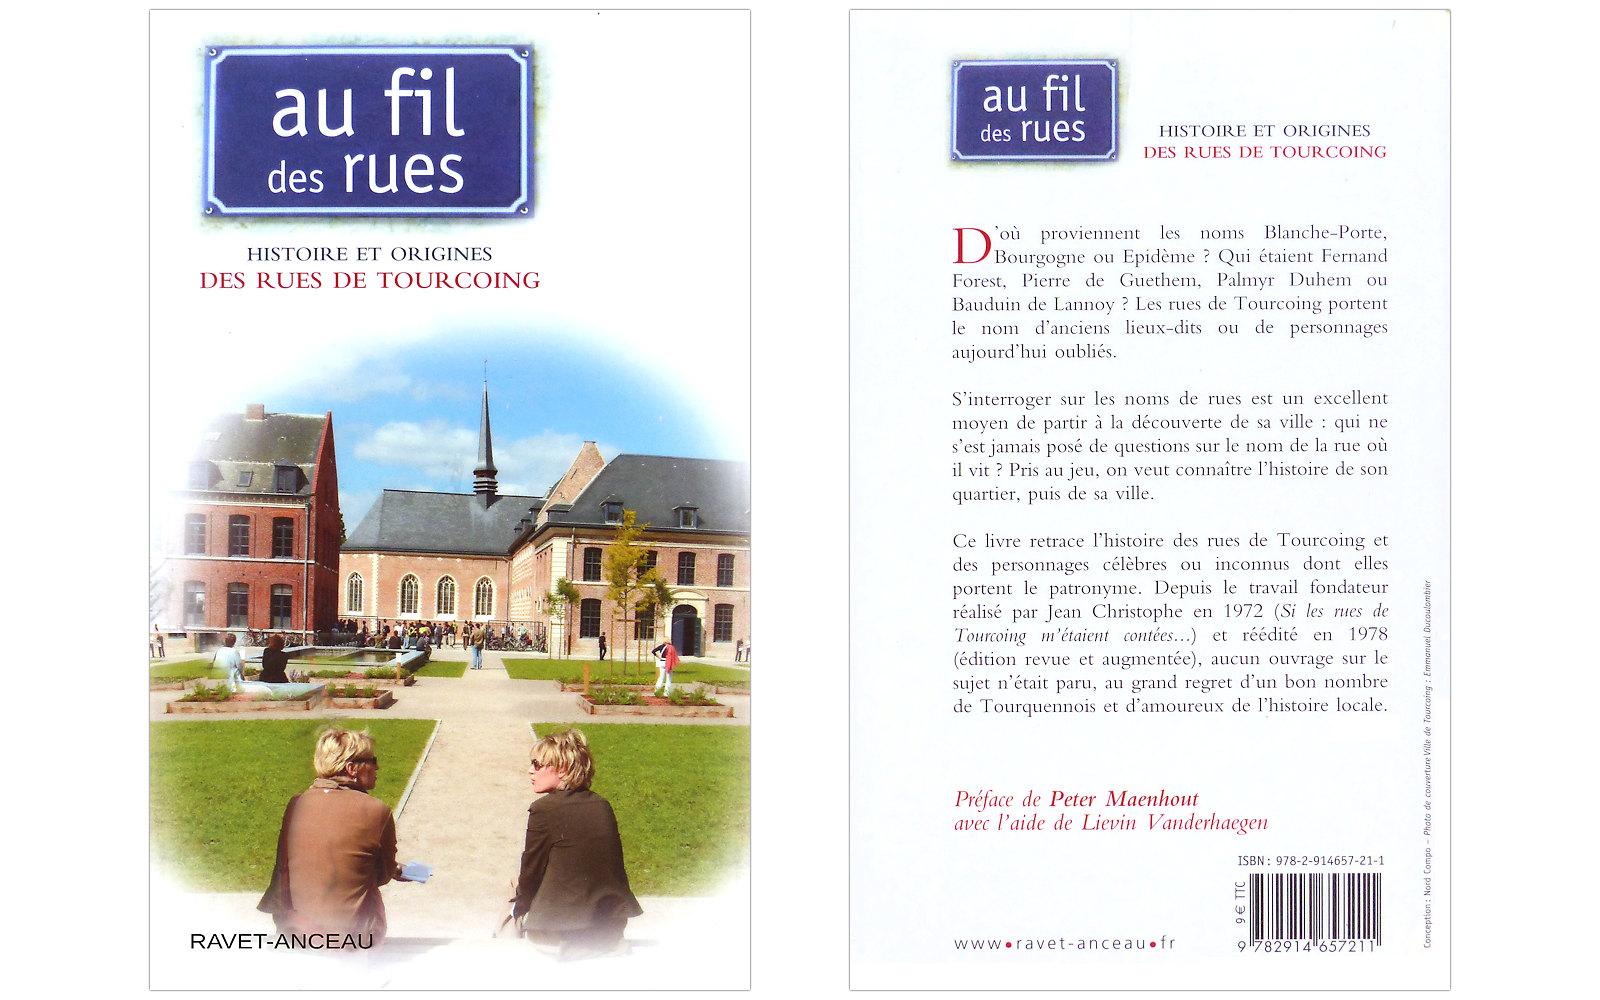 Au fil des Rues - Histoire et Origines des Rues de Tourcoing - Éditions Ravet-Anceau